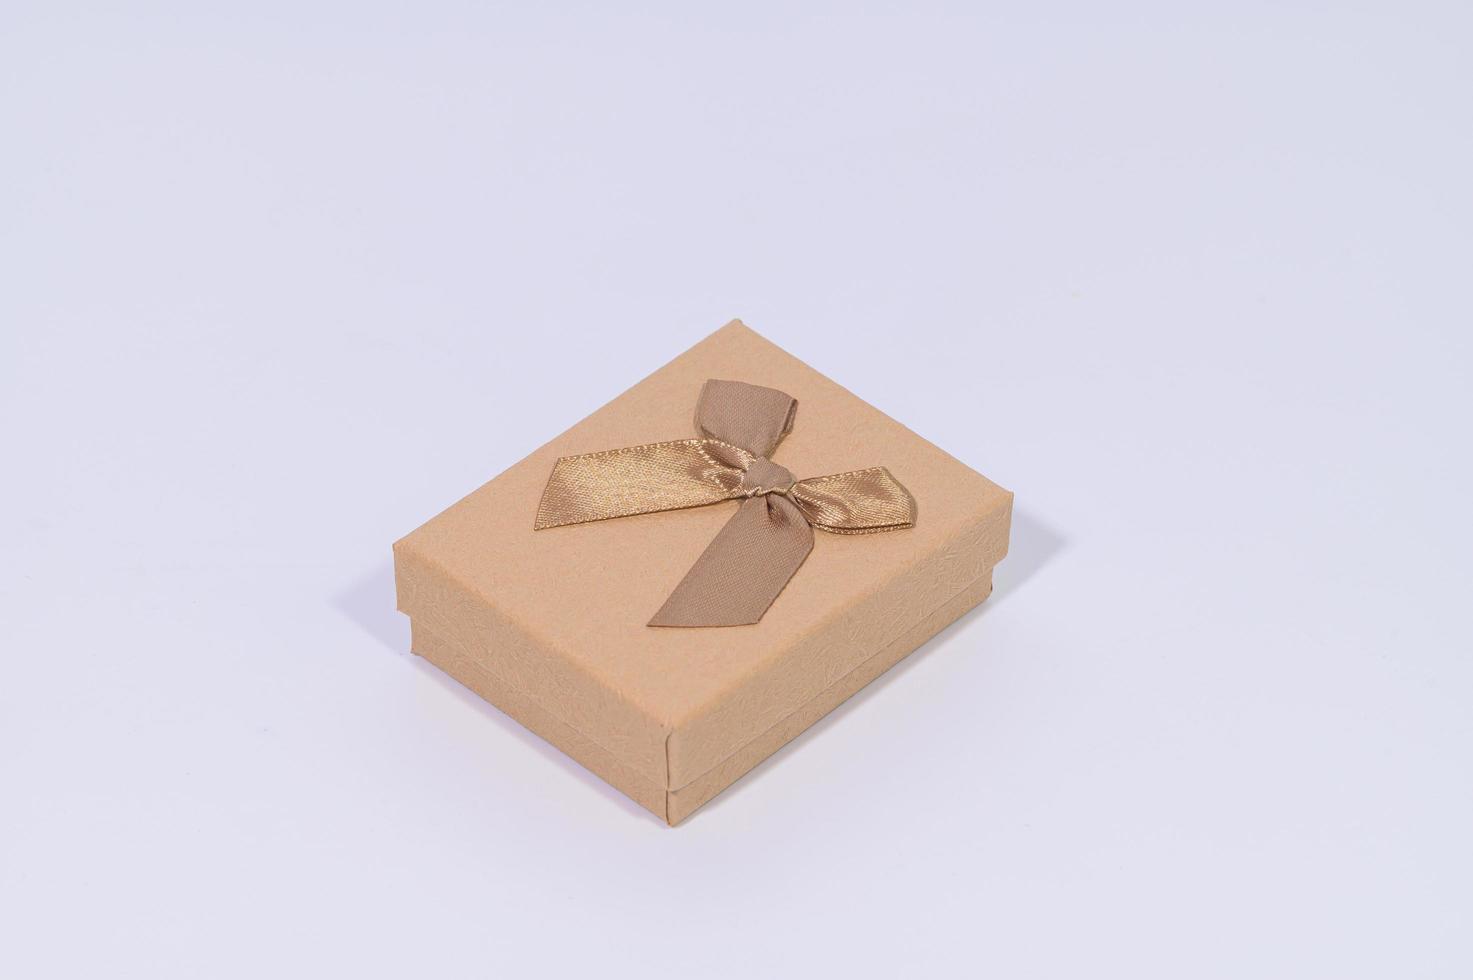 confezione regalo marrone su sfondo bianco foto